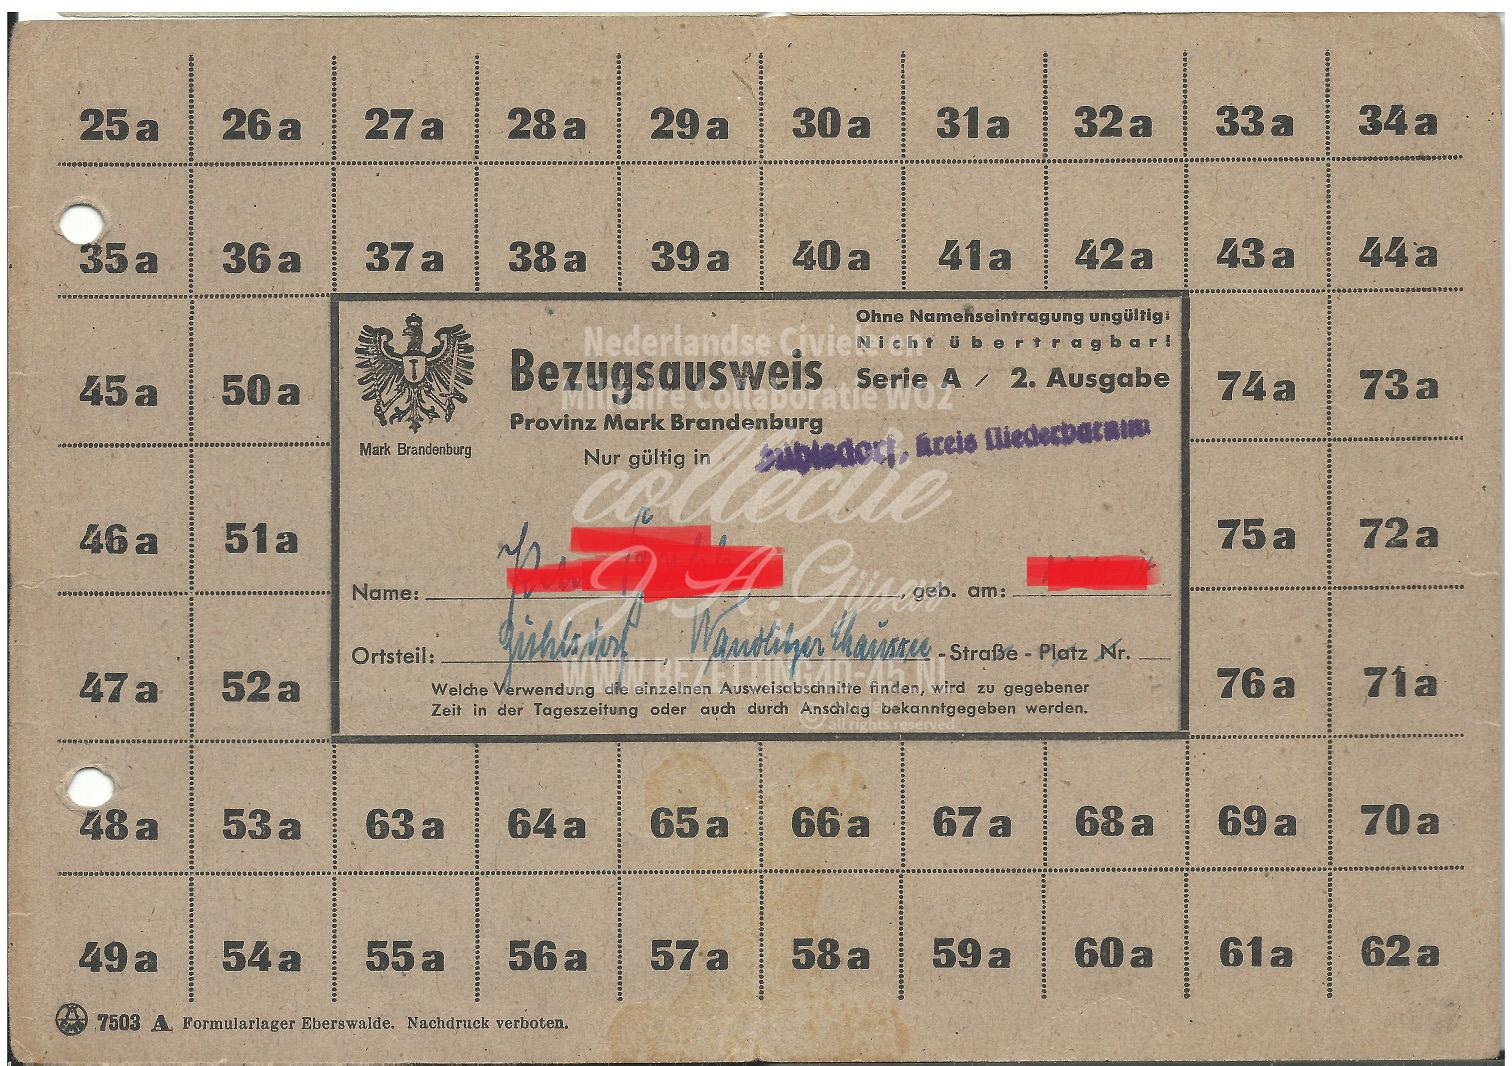 Mark Brandenburg Zühlsdorf Niederbarnim Bezugsausweis.